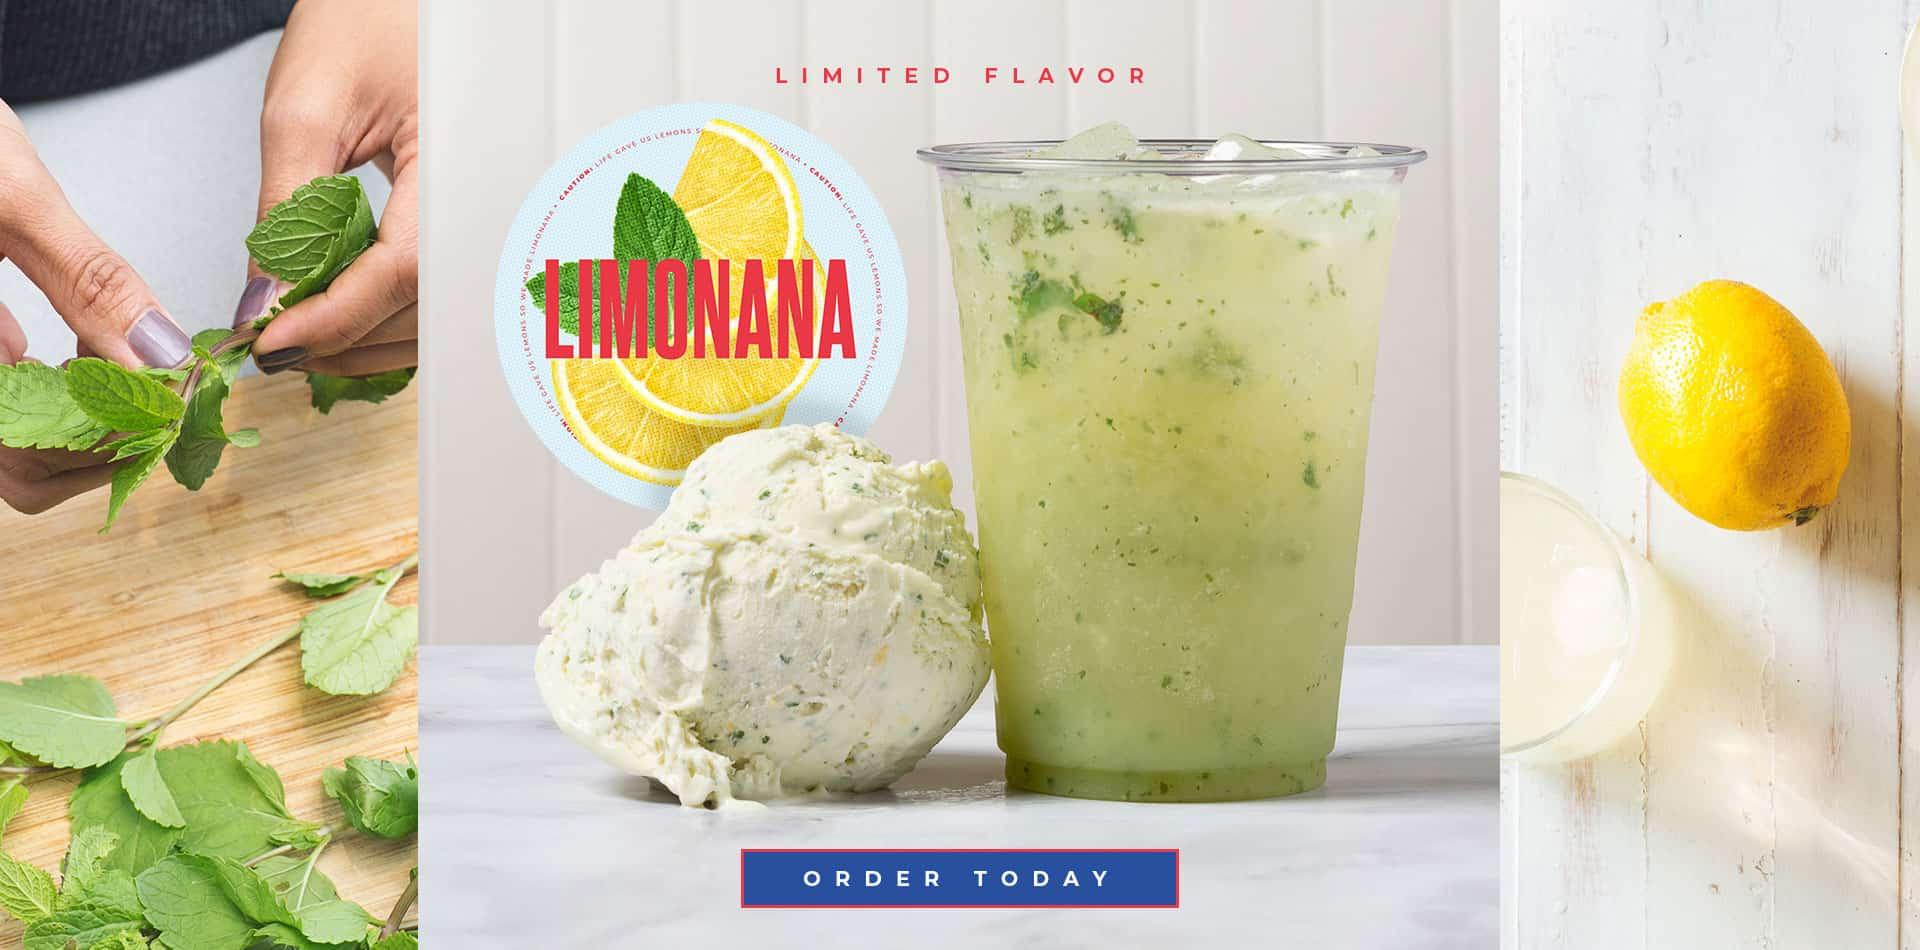 Limonana Ice Cream